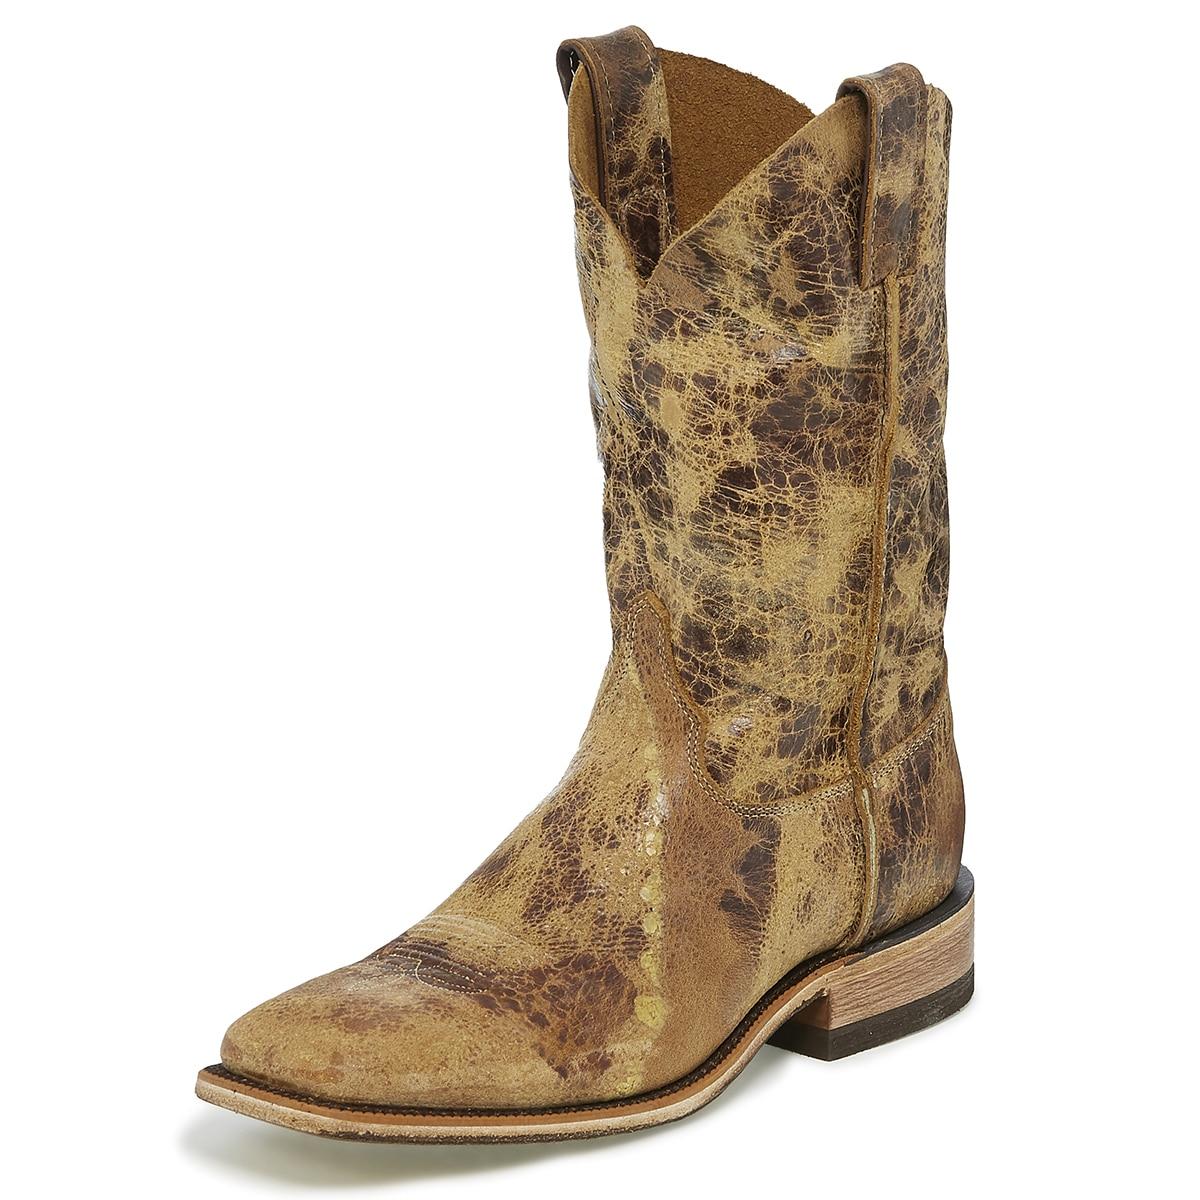 Justin Men's Bent Rail Seguin Boots - Tan Road